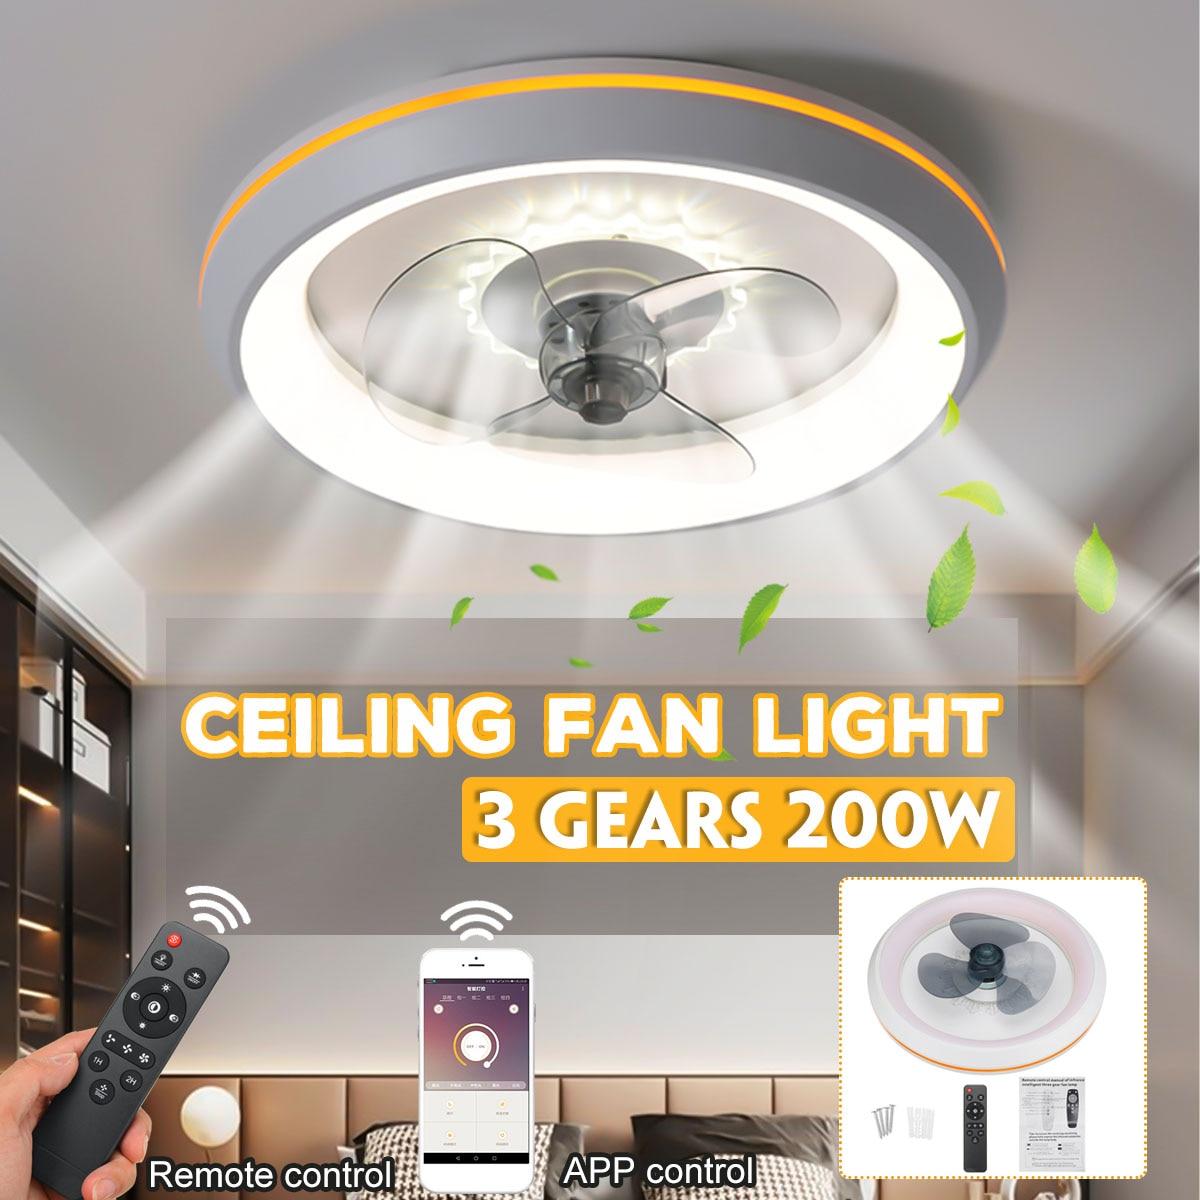 200 واط عكس الضوء LED مروحة سقف مزودة بمصباح 48 سنتيمتر مروحة الإضاءة مع التحكم عن بعد الإضاءة قابل للتعديل سرعة الرياح LED مبرد الهواء مصباح